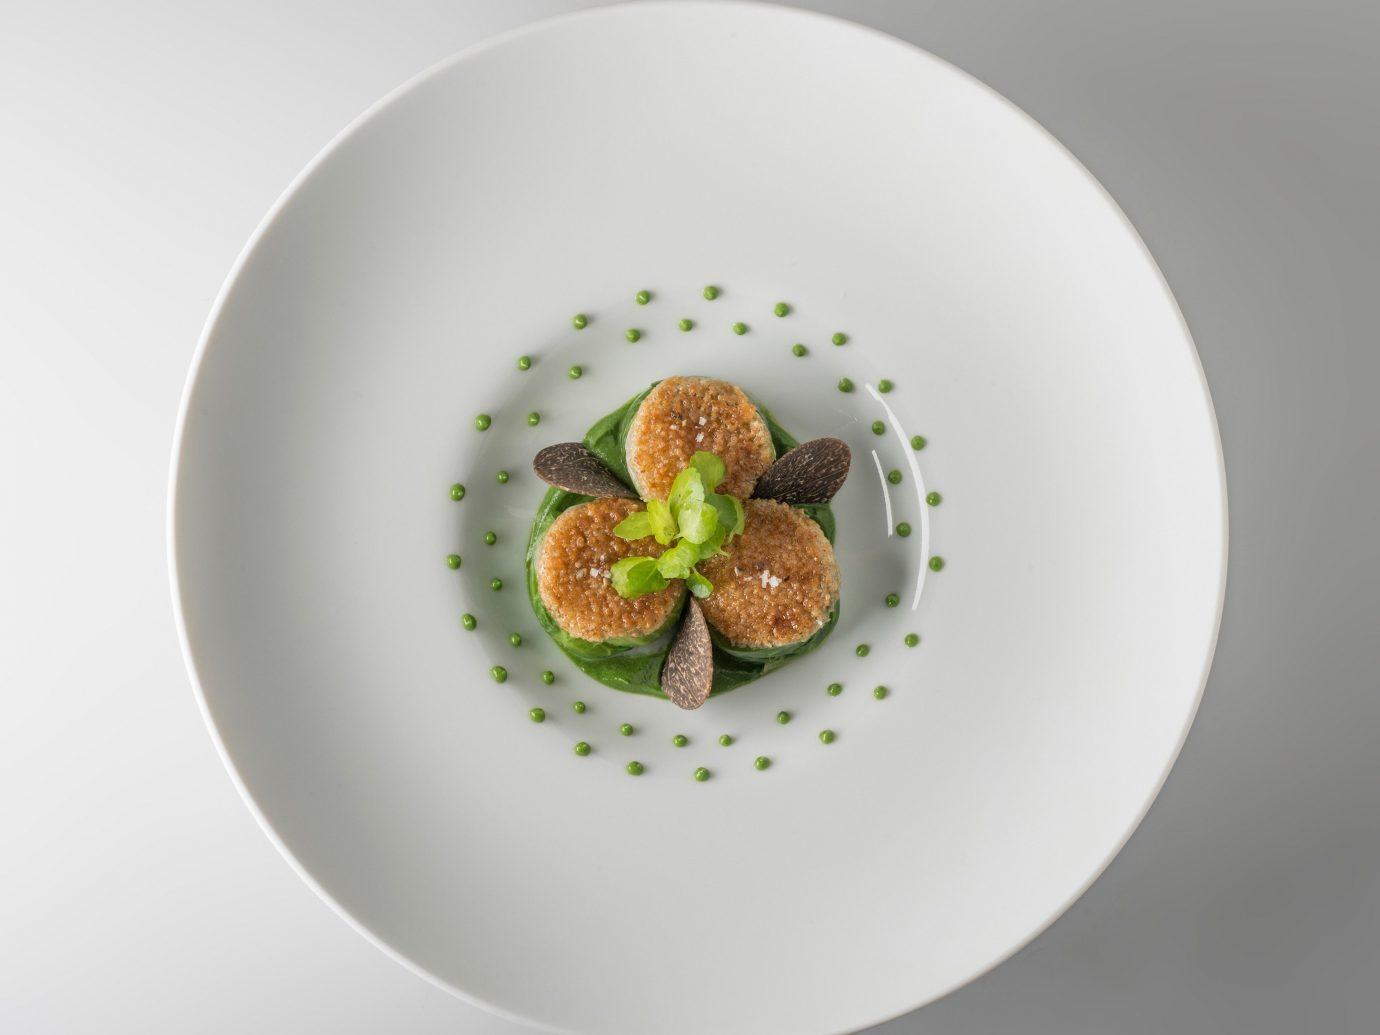 Dish at Hexagone in Paris